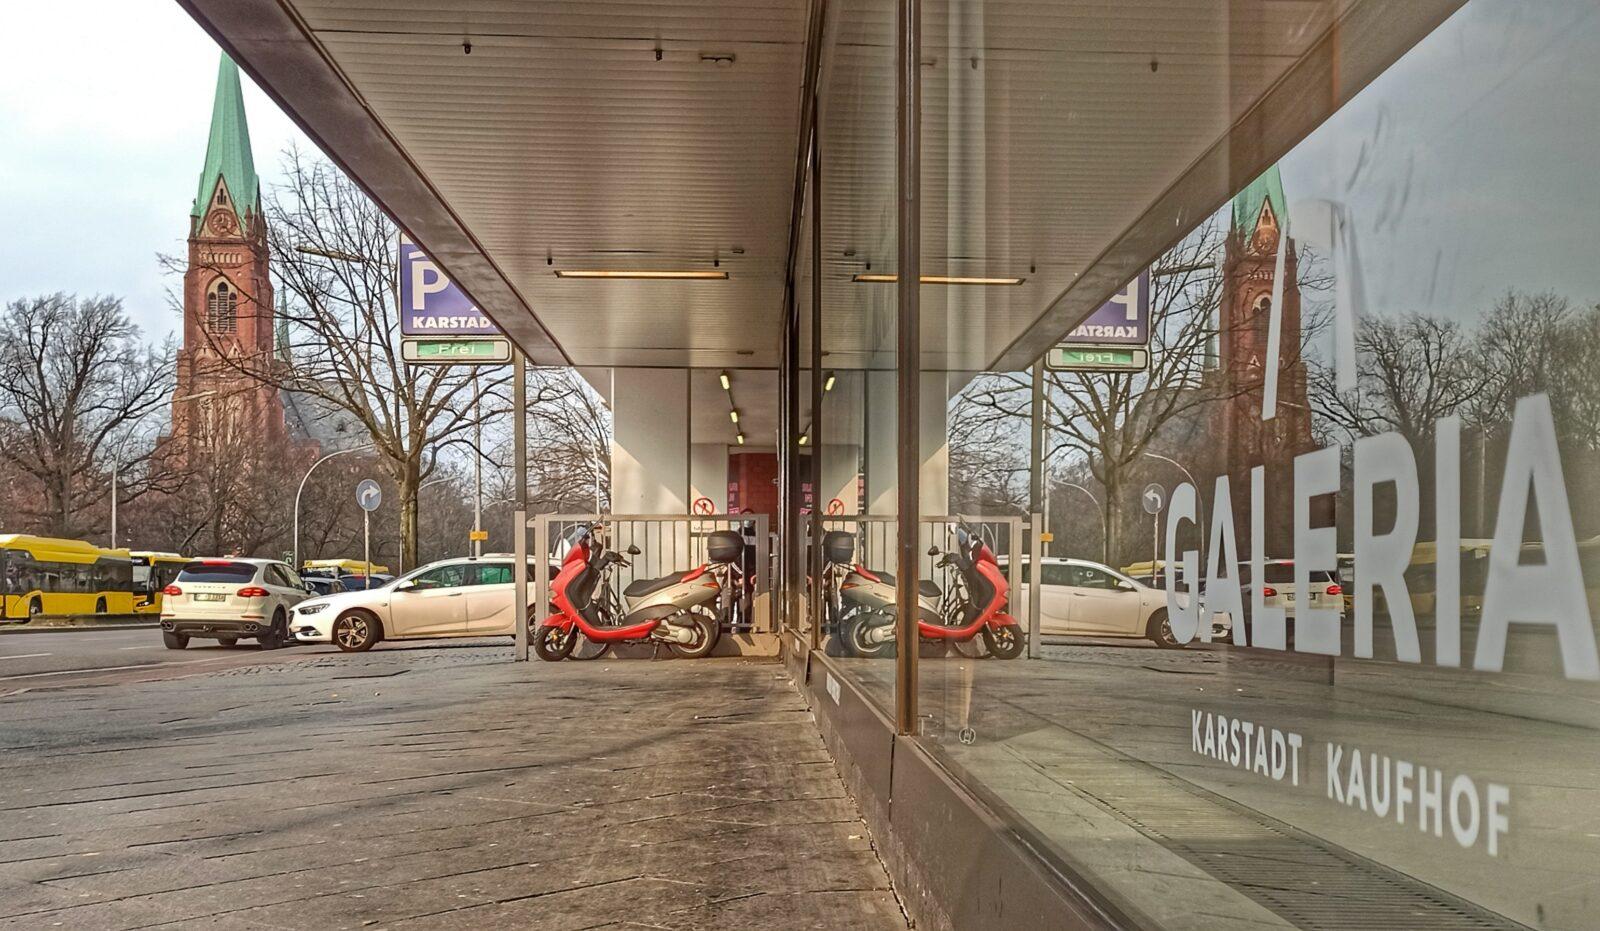 Karstadt Schaufenster am Warenhaus